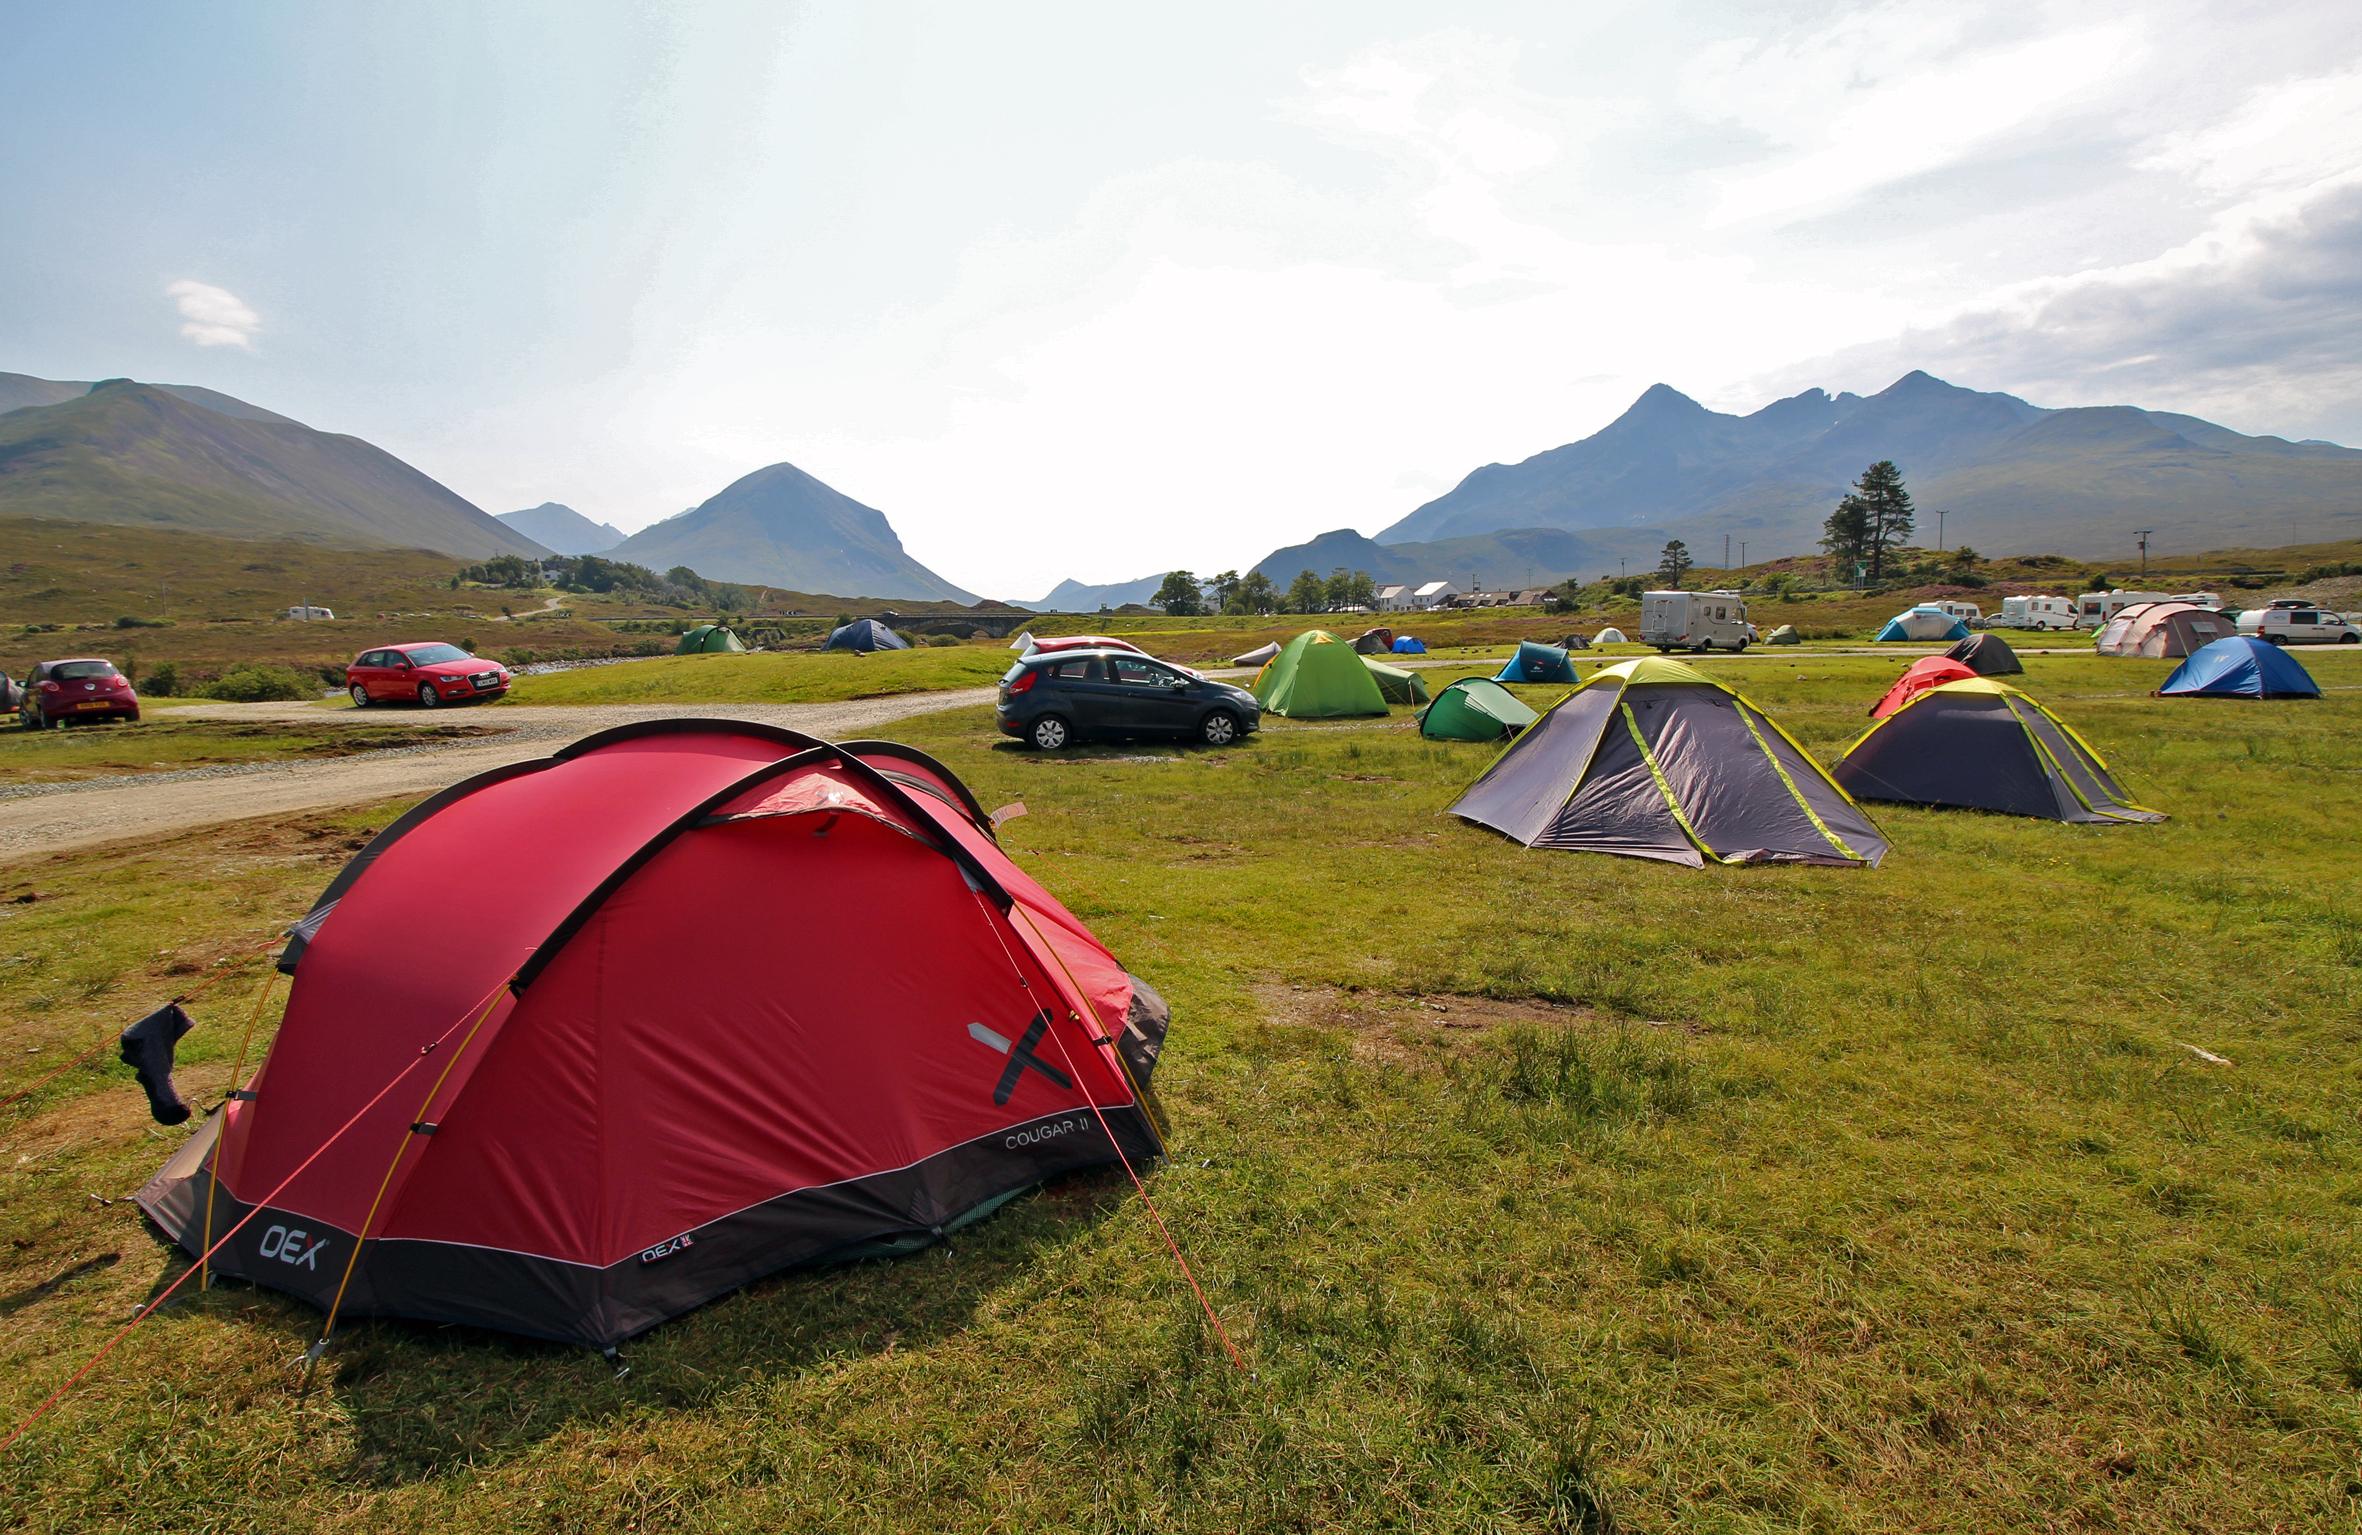 Campsite7.jpg